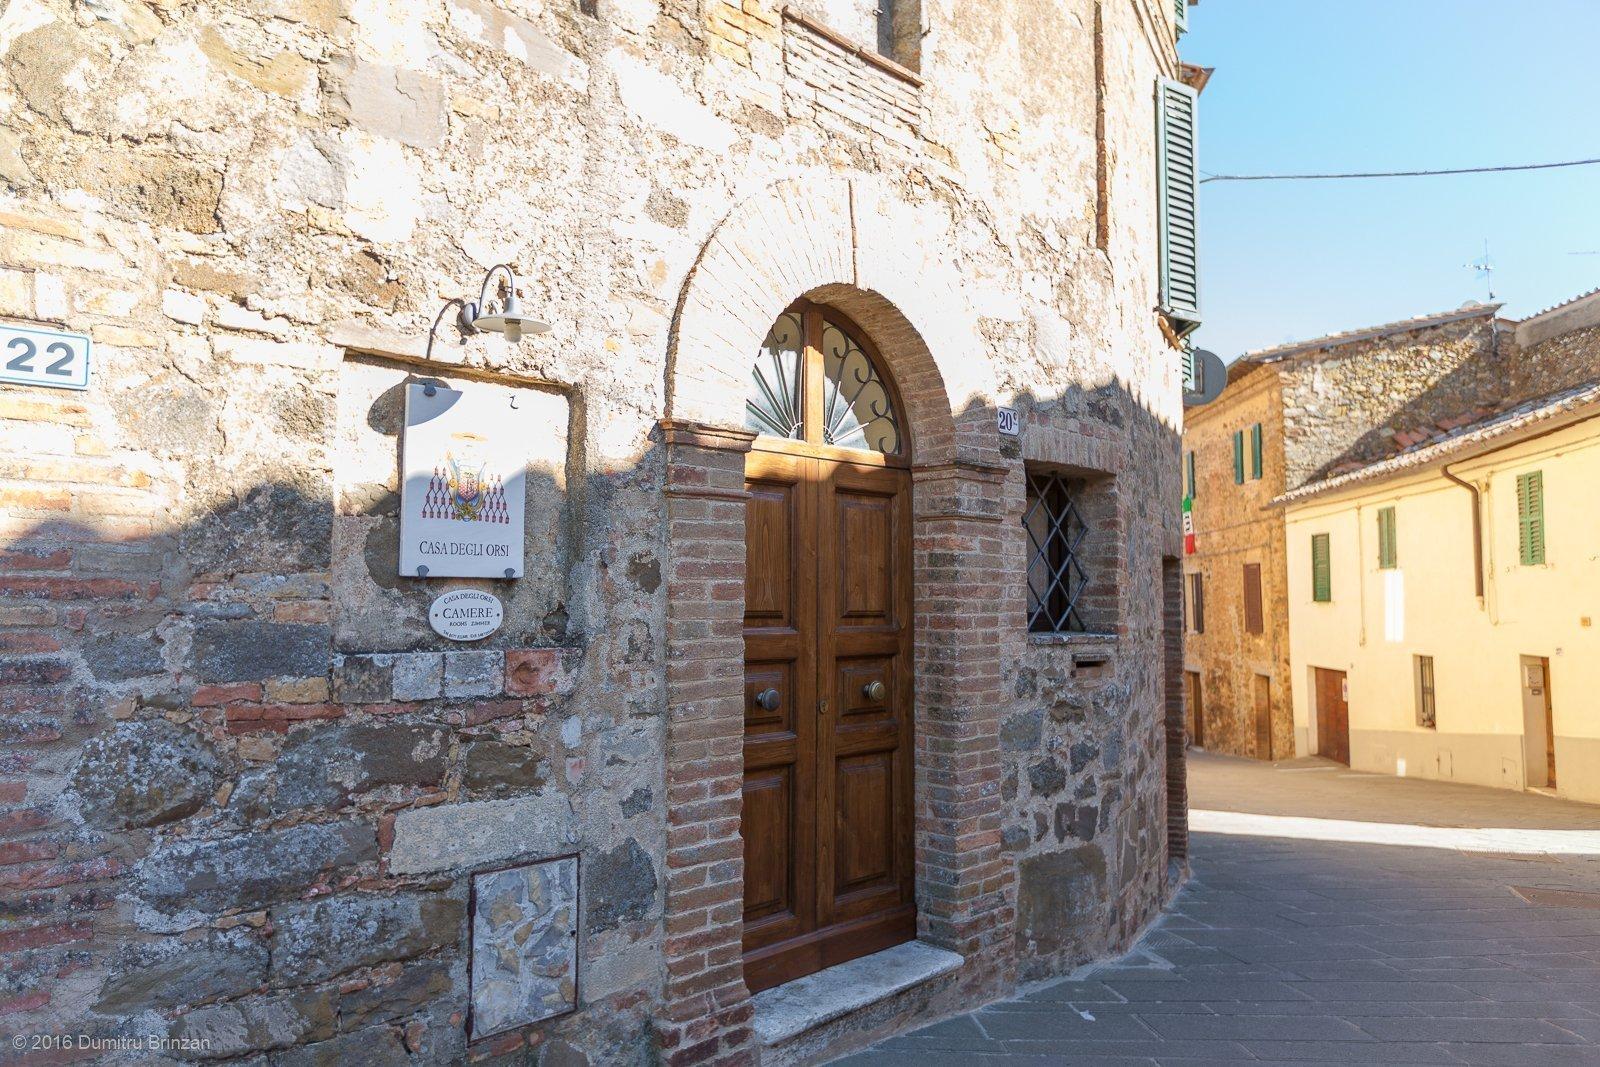 2016-montalcino-tuscany-italy-13